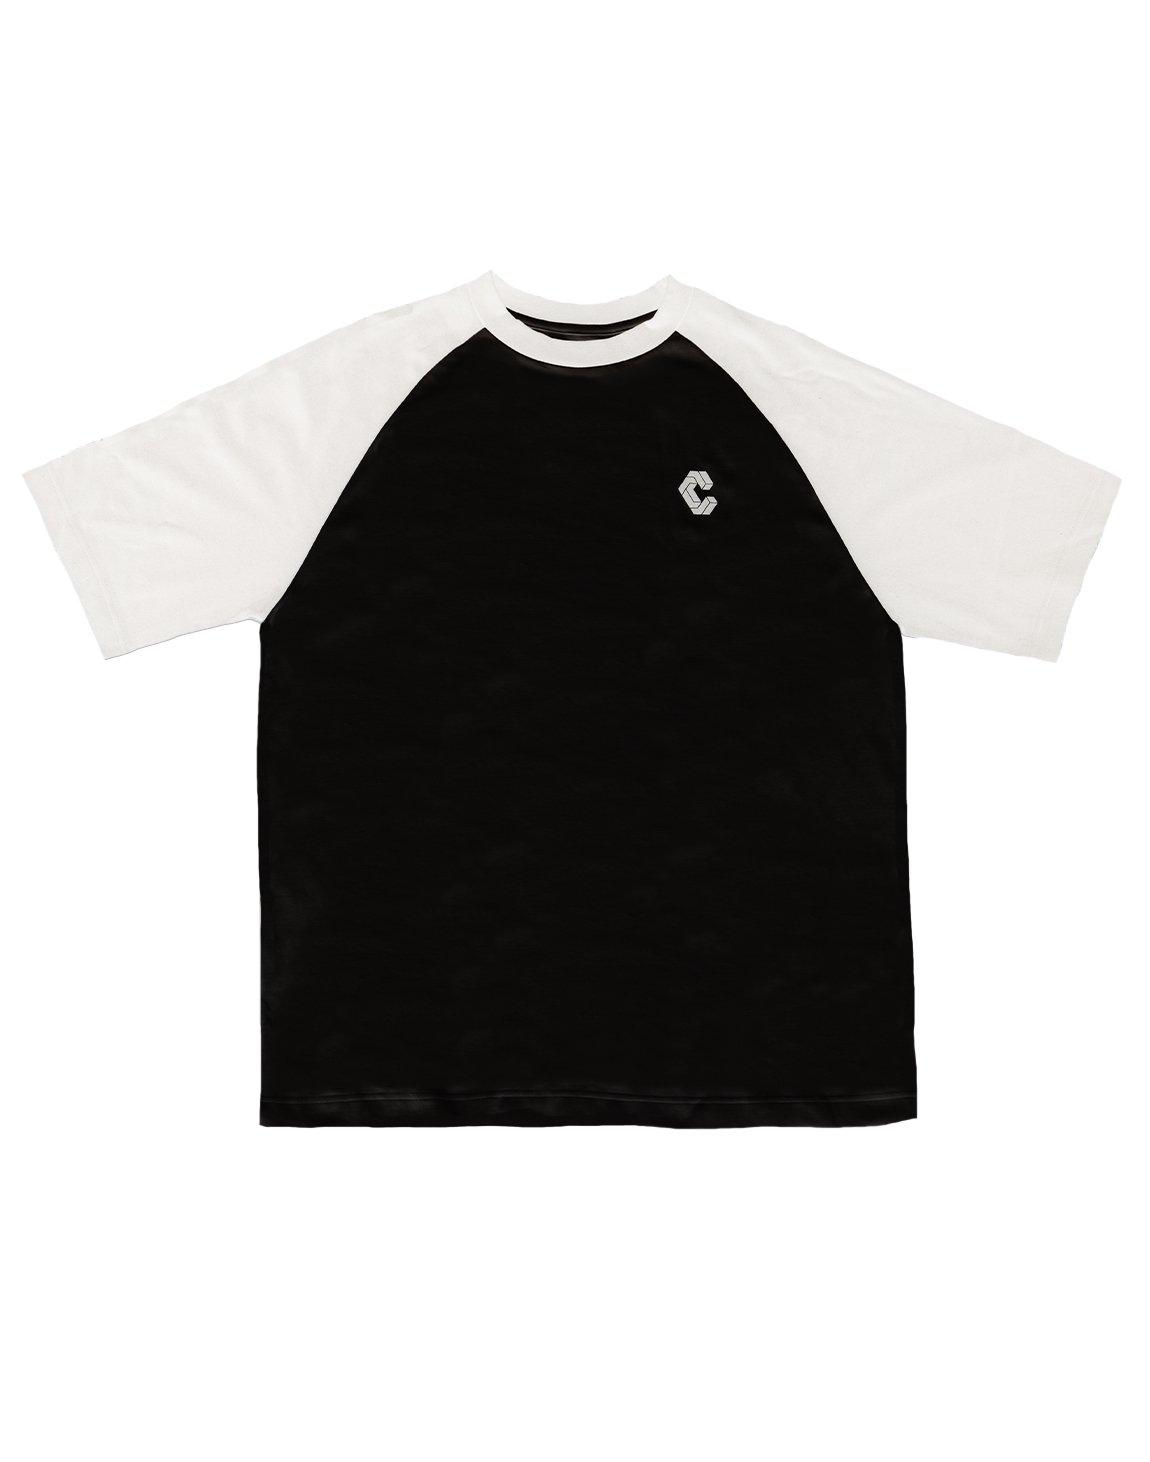 CRONOS BACK LOGO OVERSIZE T-SHIRTS【BLACK】